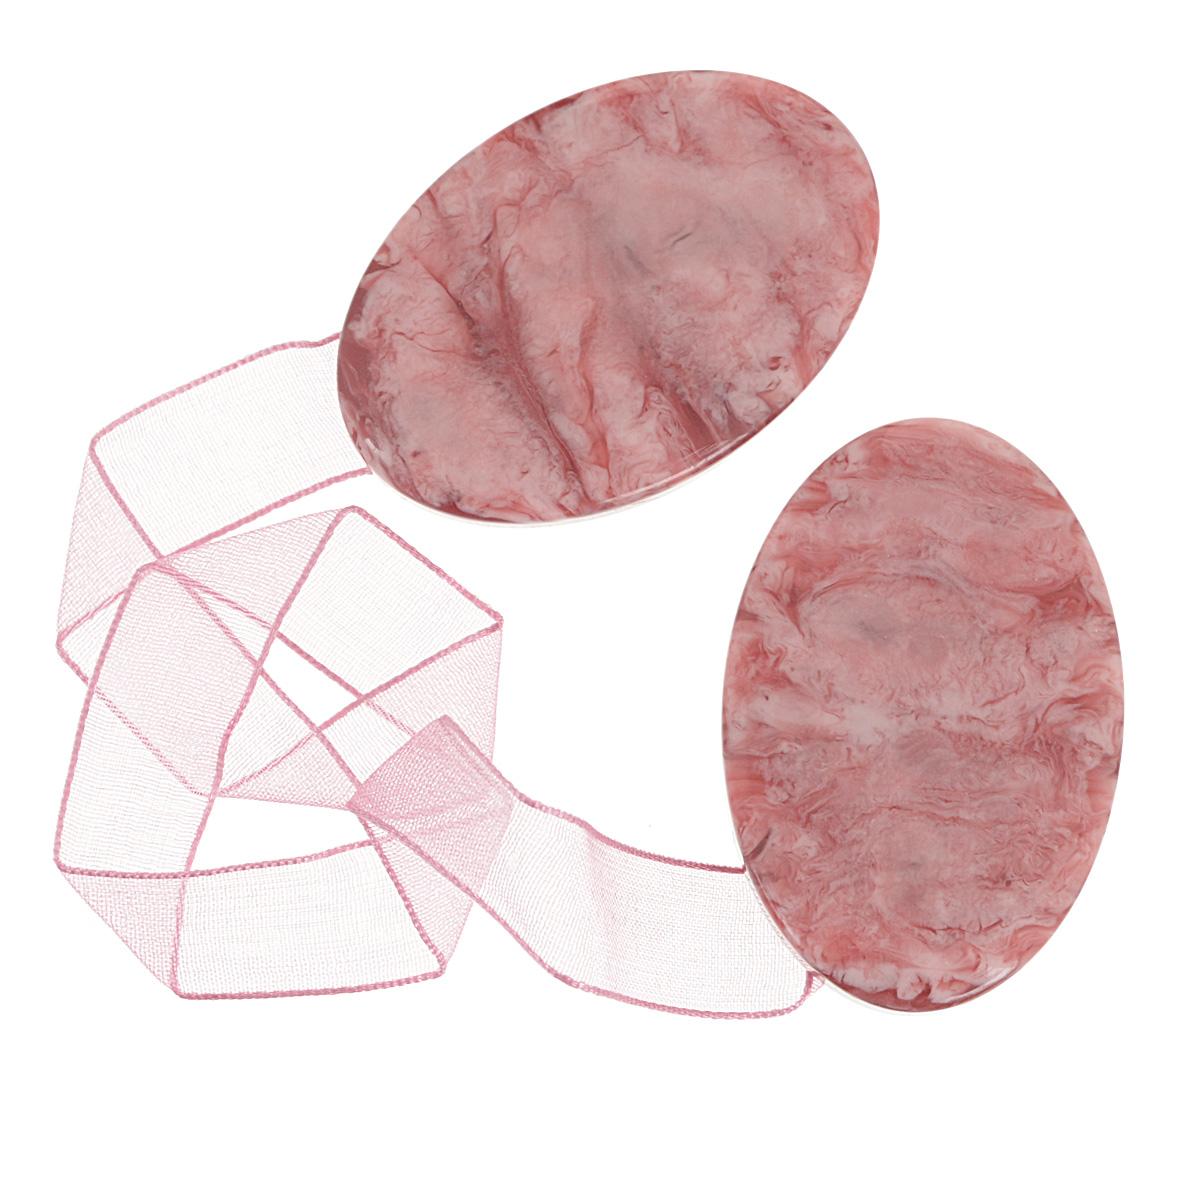 Клипса-магнит для штор Calamita Fiore, цвет: розовый. 675265_554675265_554Клипса-магнит Calamita Fiore, изготовленная из пластика, предназначена для придания формы шторам. Изделие представляет собой два магнита овальной формы, расположенные на разных концах текстильной ленты. С помощью такой магнитной клипсы можно зафиксировать портьеры, придать им требуемое положение, сделать складки симметричными или приблизить портьеры, скрепить их. Клипсы для штор являются универсальным изделием, которое превосходно подойдет как для штор в детской комнате, так и для штор в гостиной. Следует отметить, что клипсы для штор выполняют не только практическую функцию, но также являются одной из основных деталей декора этого изделия, которая придает шторам восхитительный, стильный внешний вид. Материал: полиэстер, пластик, магнит.Длина клипсы: 5 см.; ширина 3,5 см.Длина ленты: 28 см.